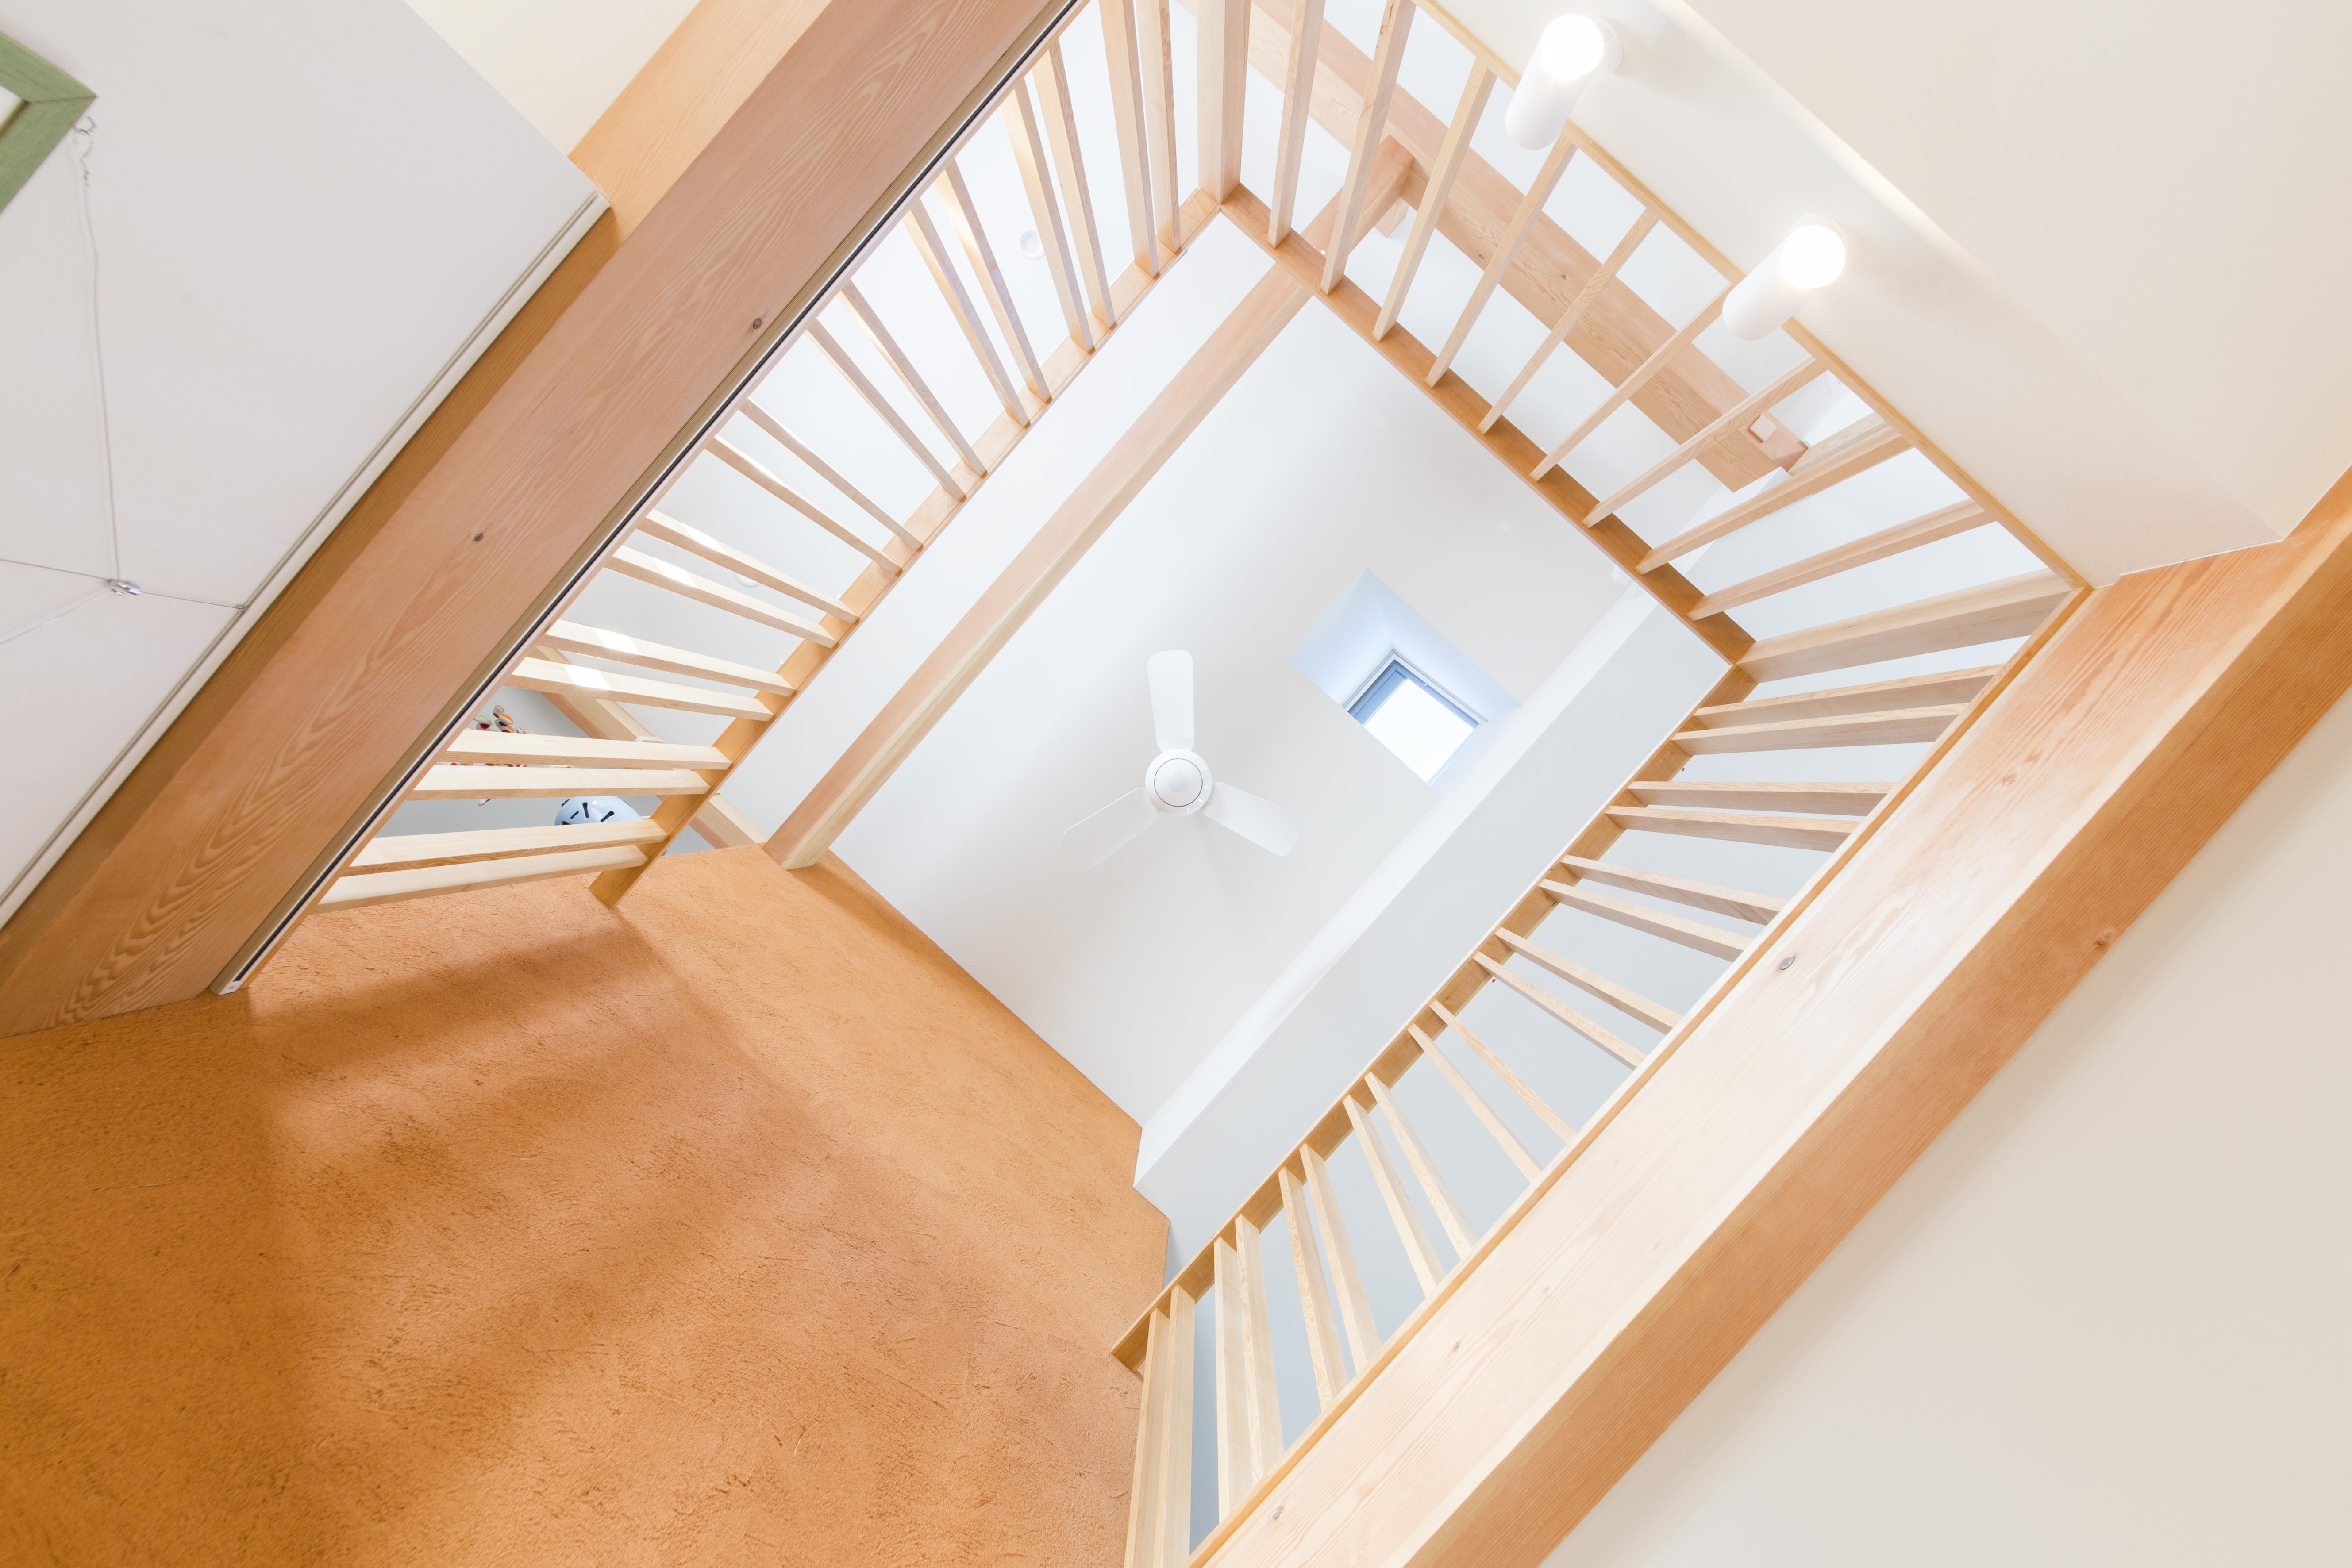 大きな吹き抜けが家の中心にある越谷の家、入居後2年間の光熱費大公開します。